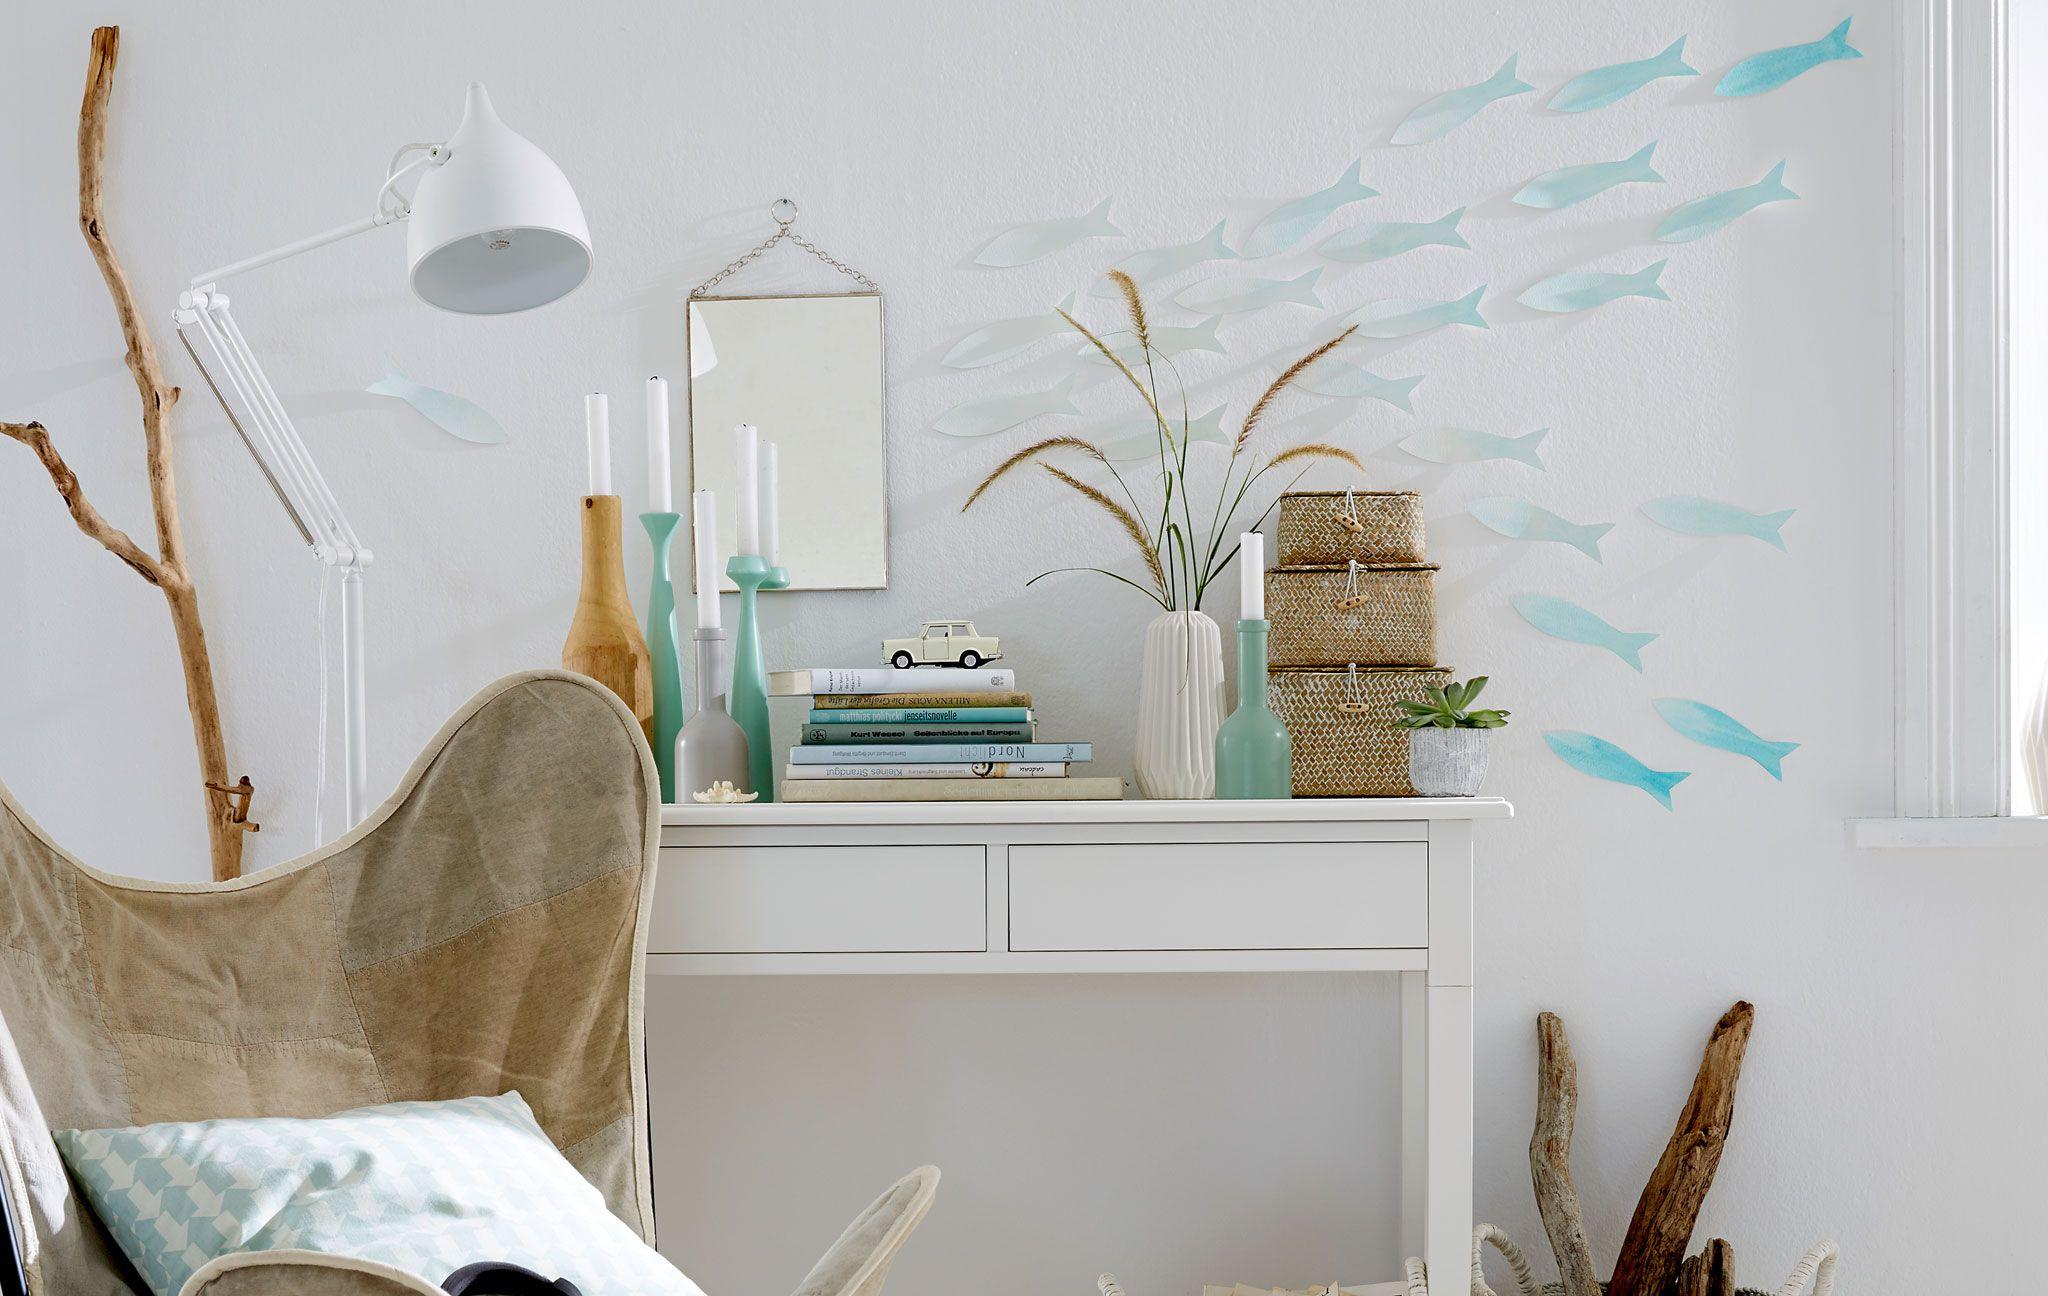 Schön Ausgeschnittene Papierfische: Deko Aquarium Als Blickfang Im Raum   DAS HAUS